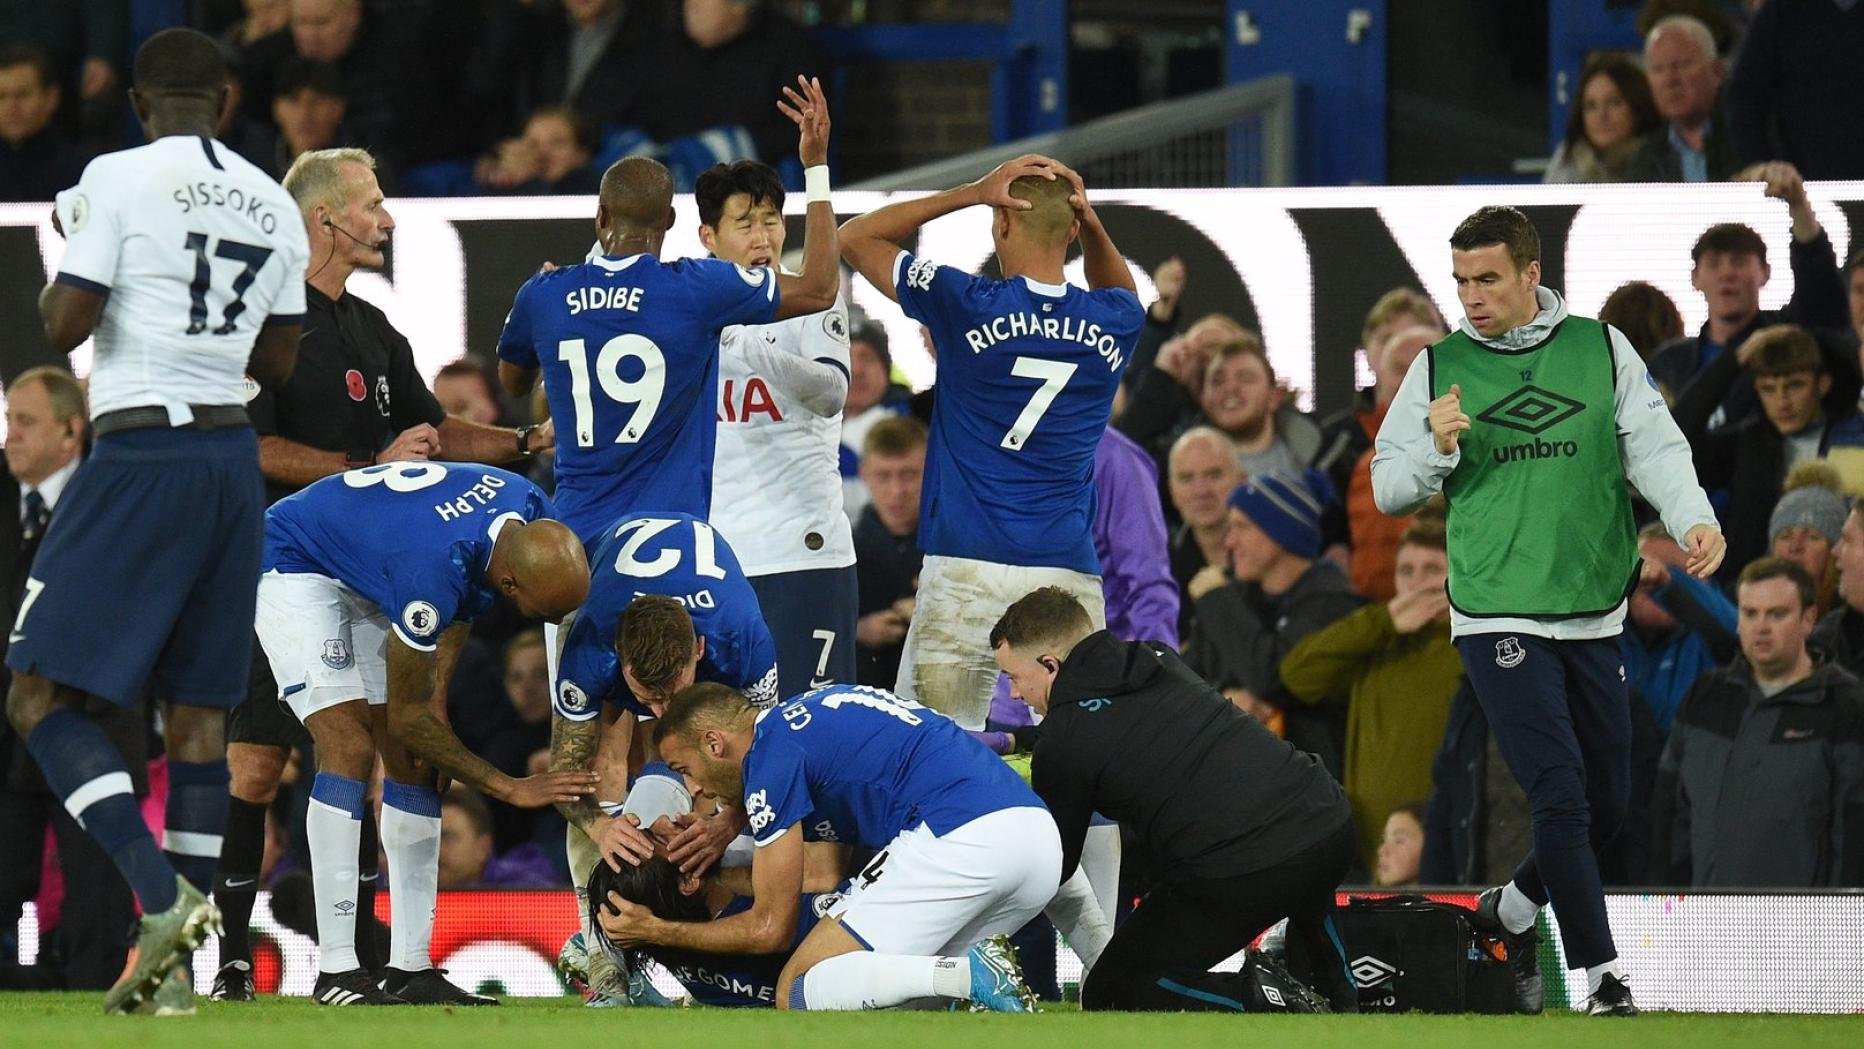 Eine Schwere Verletzung Schockt Die Premier League Kurier At